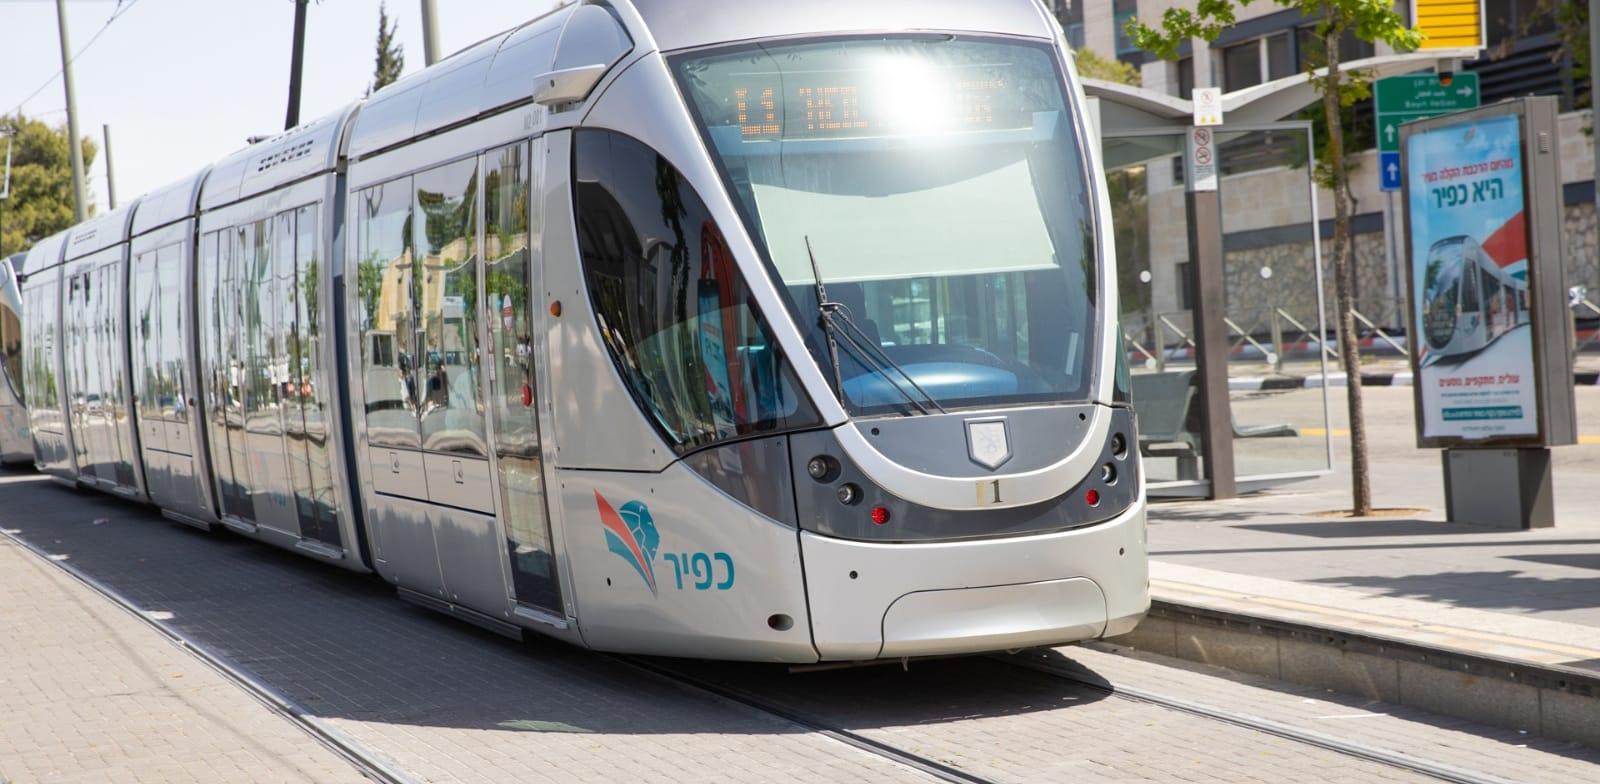 הרכבת הקלה בירושלים / צילום: כפיר הרכבת הקלה ירושלים